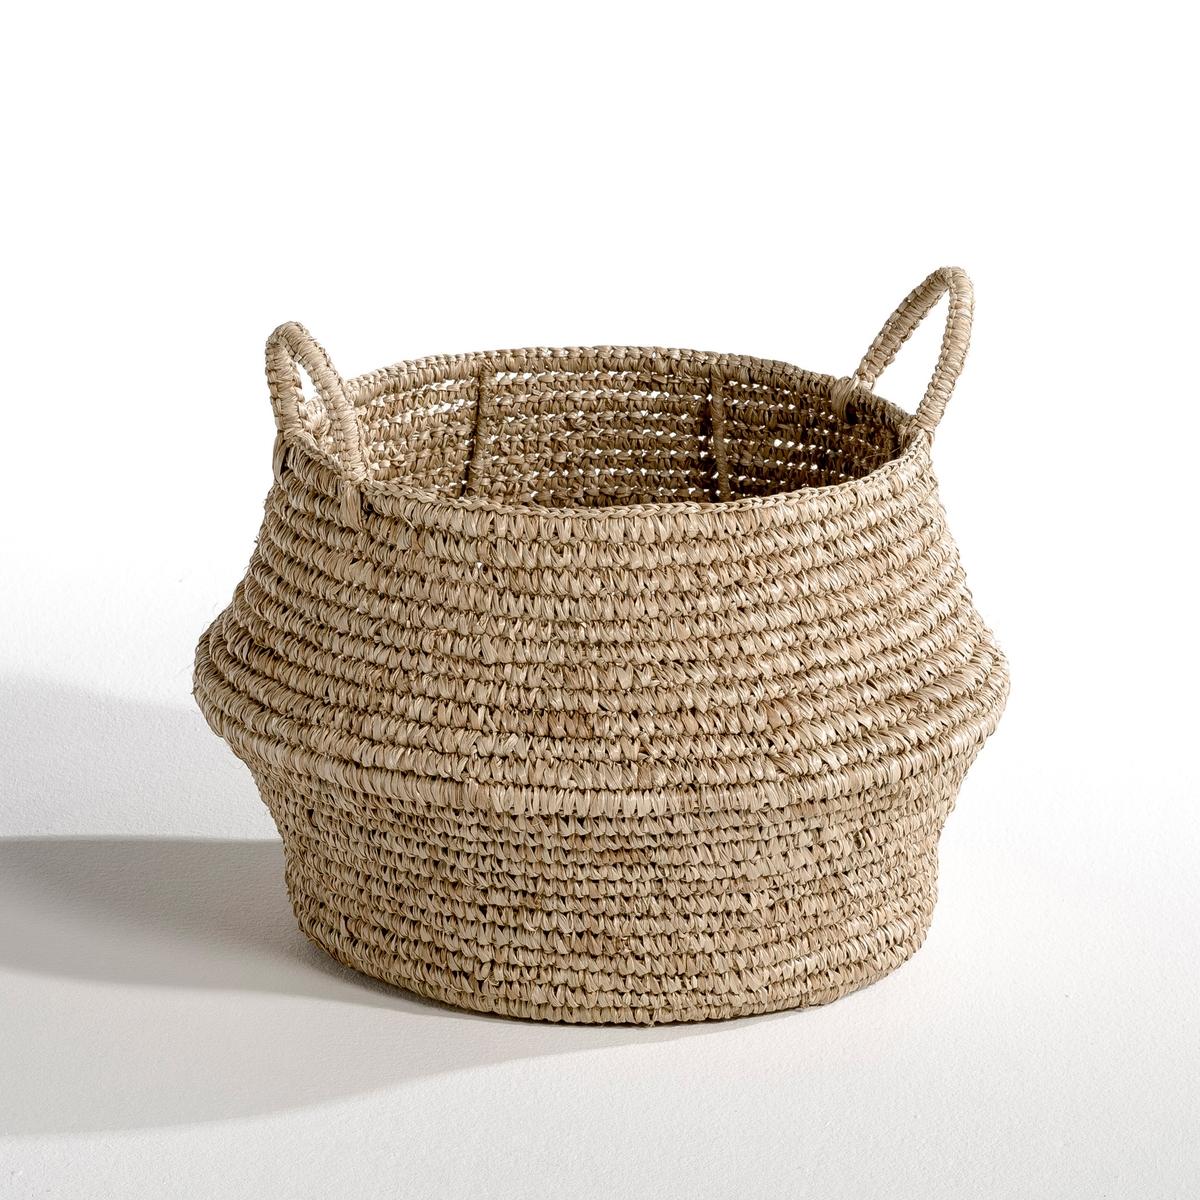 Корзина Marius, малая модель корзина хозяйственная плетёная малая